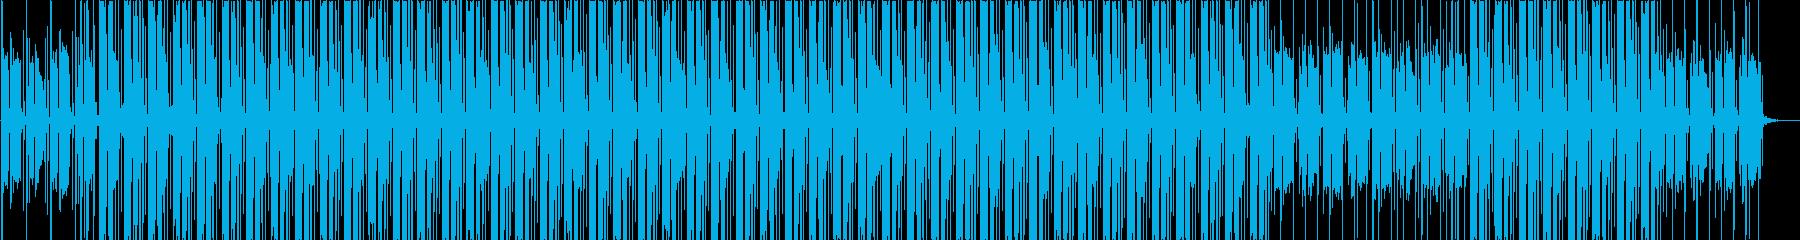 秋を感じるメロウなギターのヒップホップの再生済みの波形